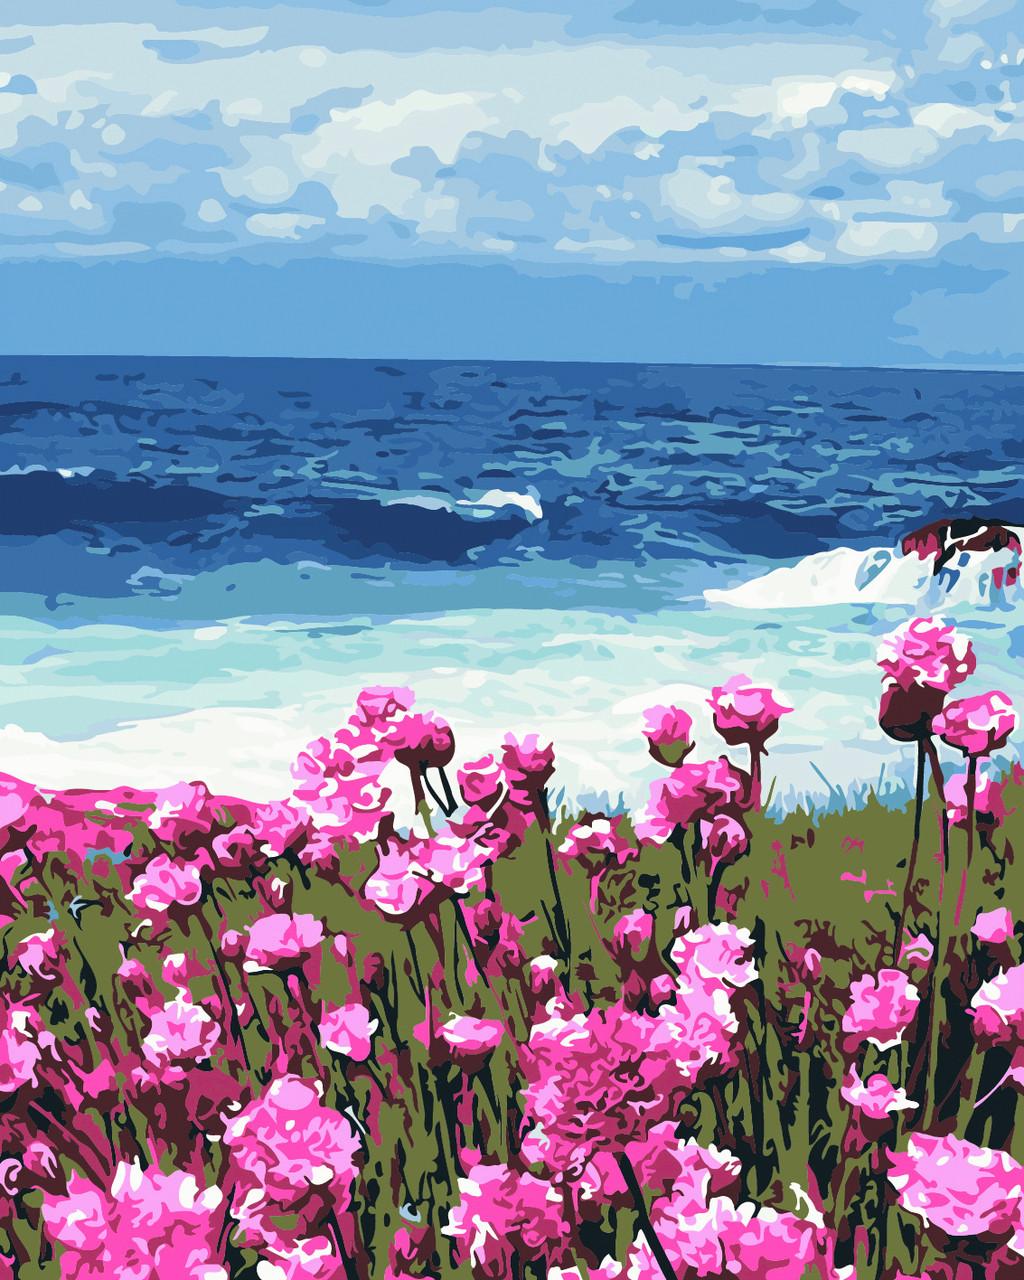 Художественный творческий набор, картина по номерам Цветы у моря, 40x50 см, «Art Story» (AS0380)